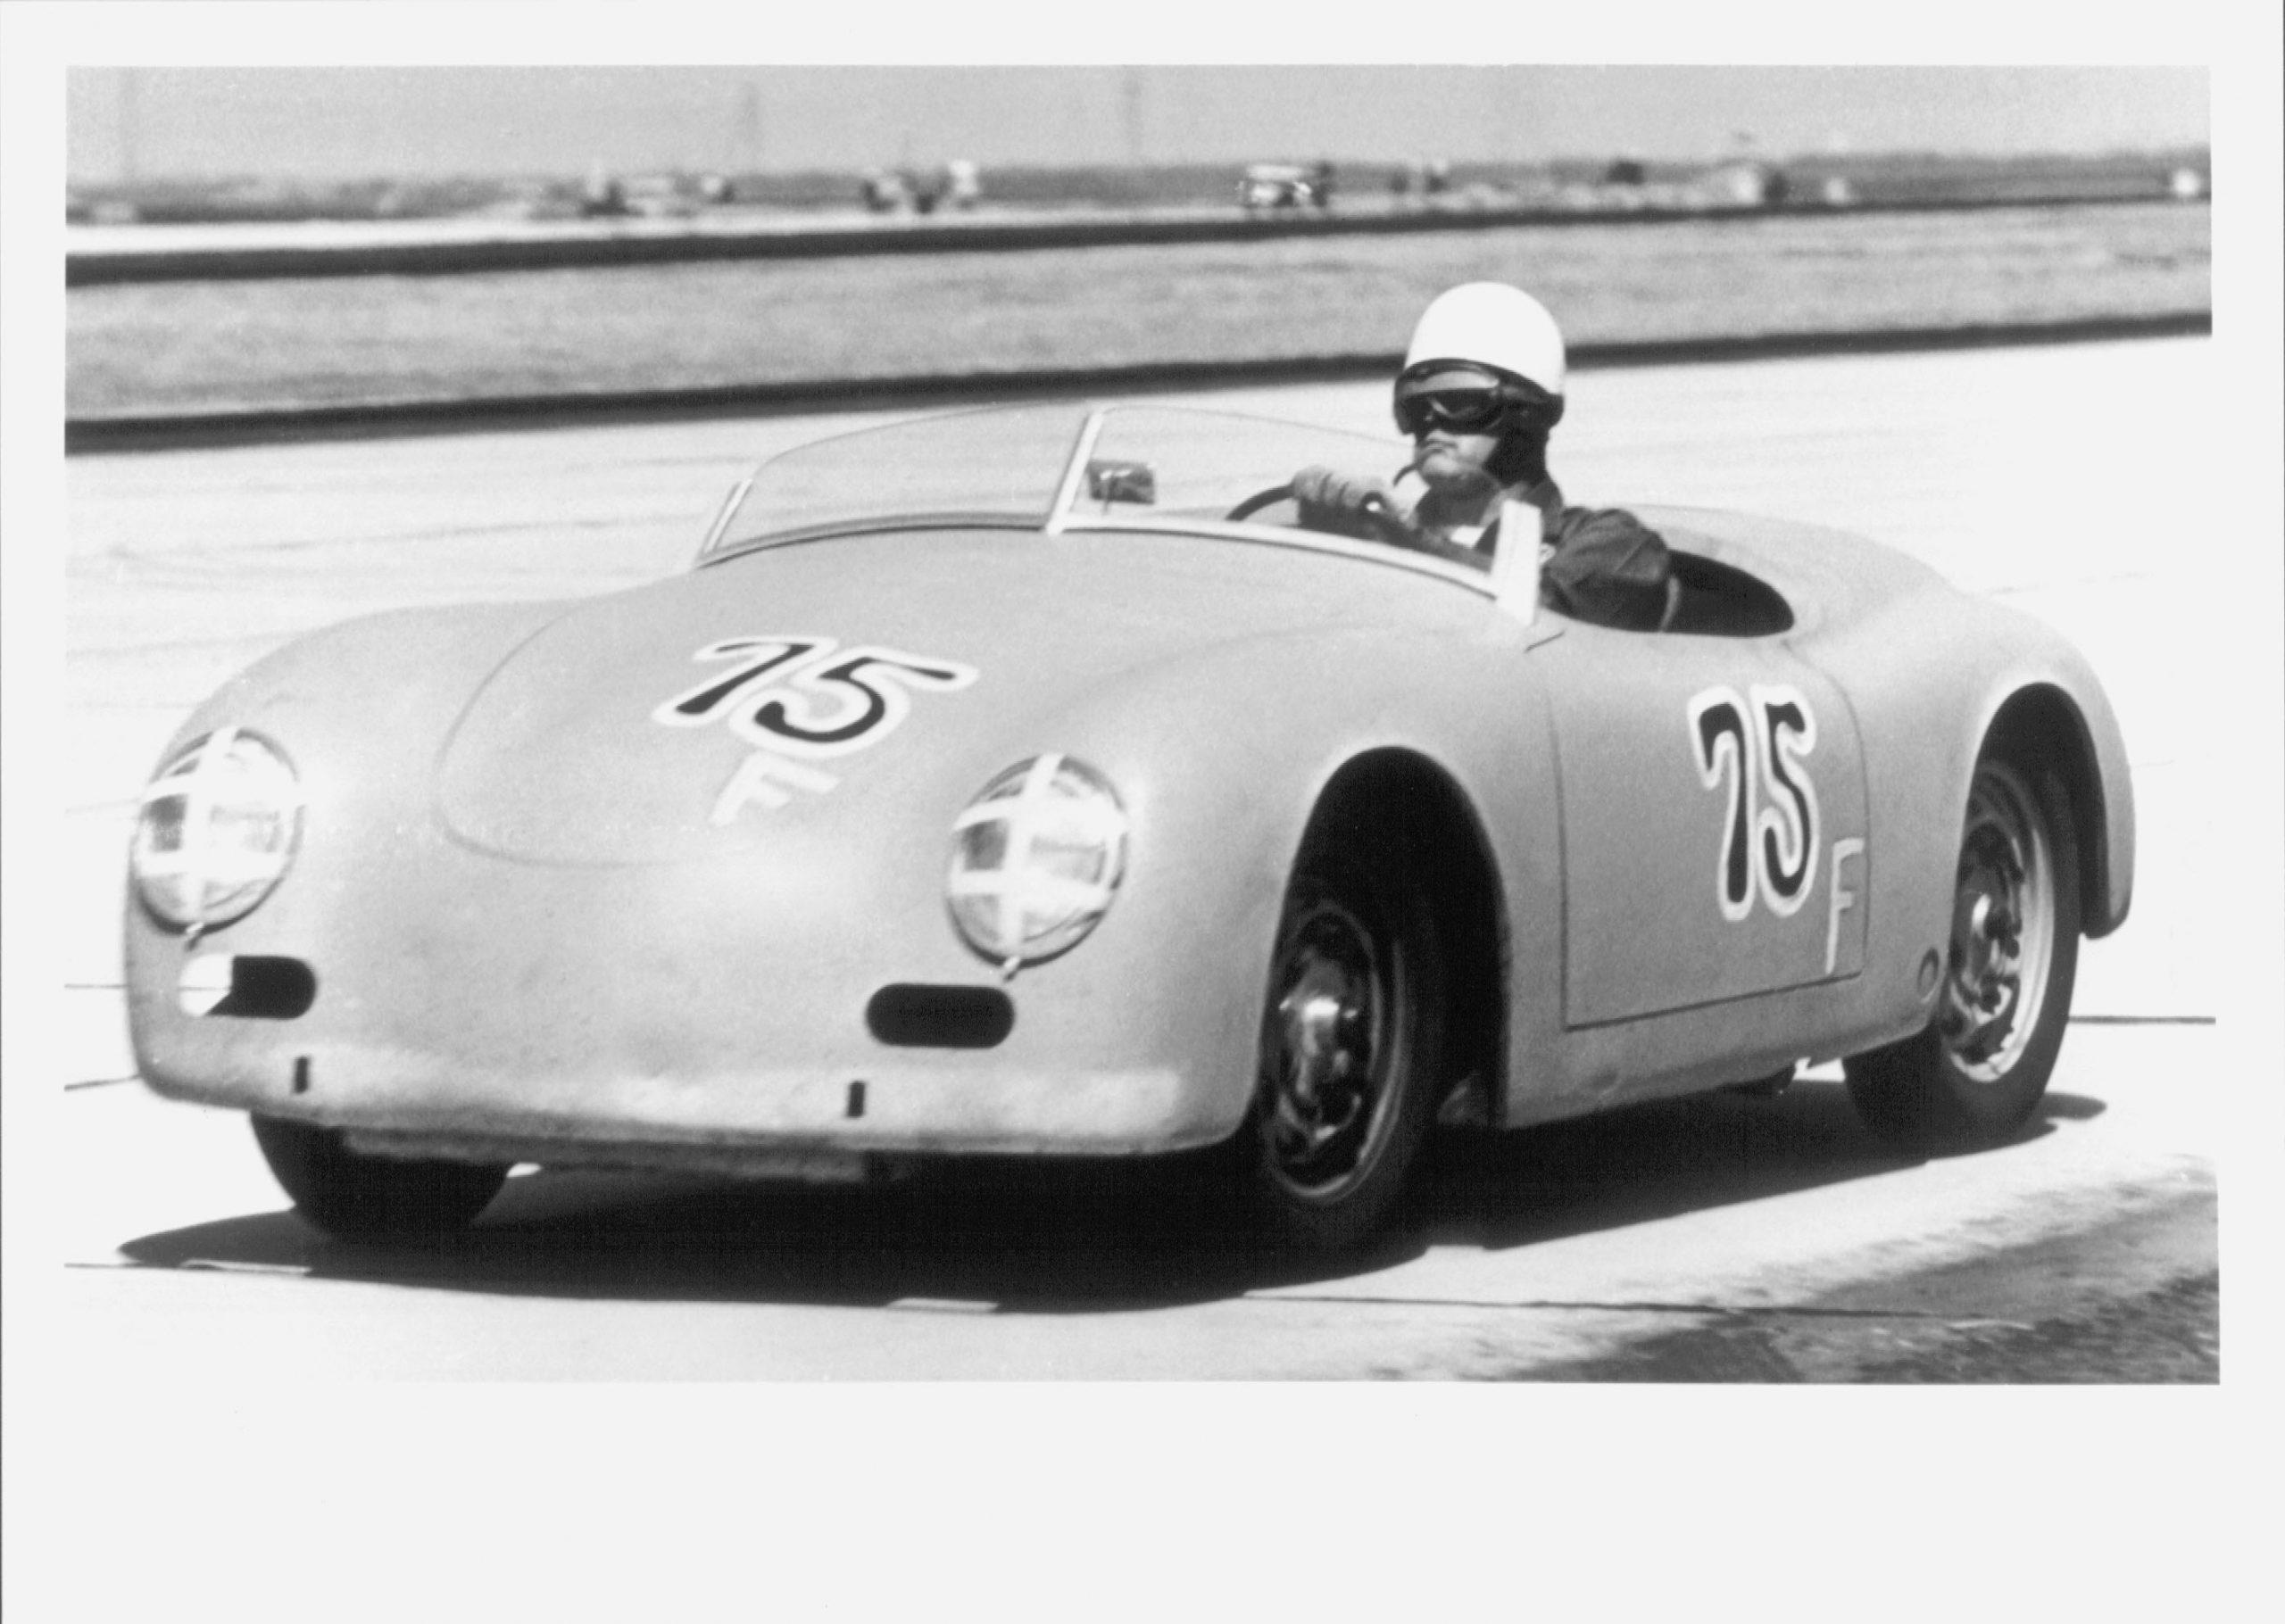 american racer jack mcafee racing porsche 356 moffett field california